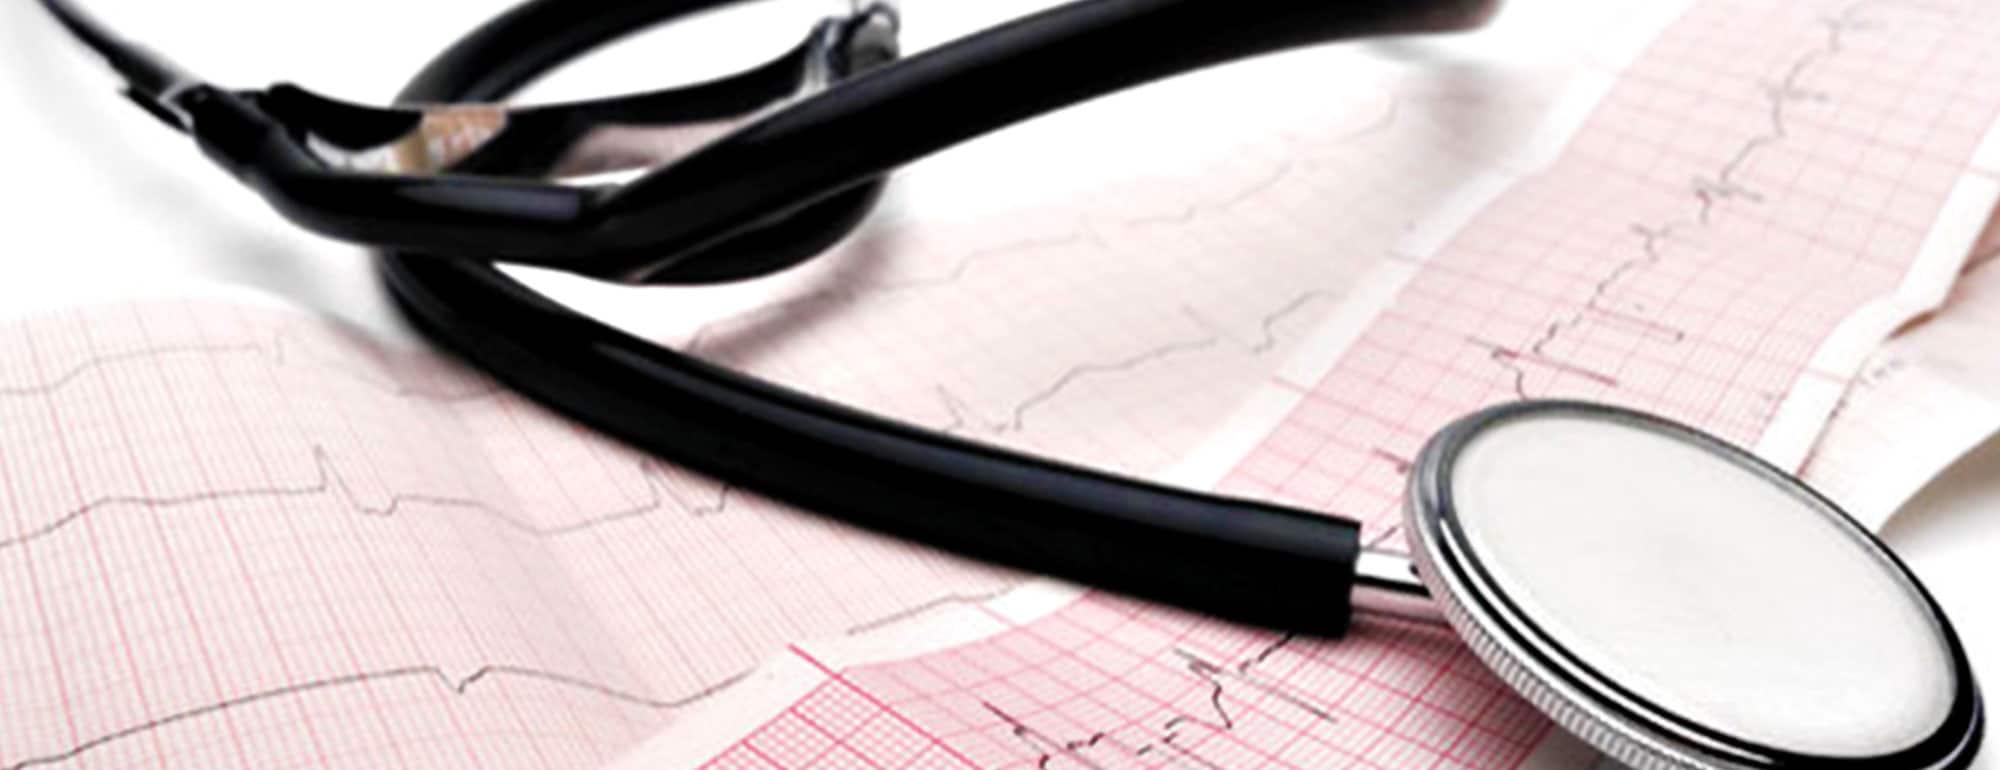 αρρυθμίες καρδιολόγος κοντός βασίλειος ψυχικό